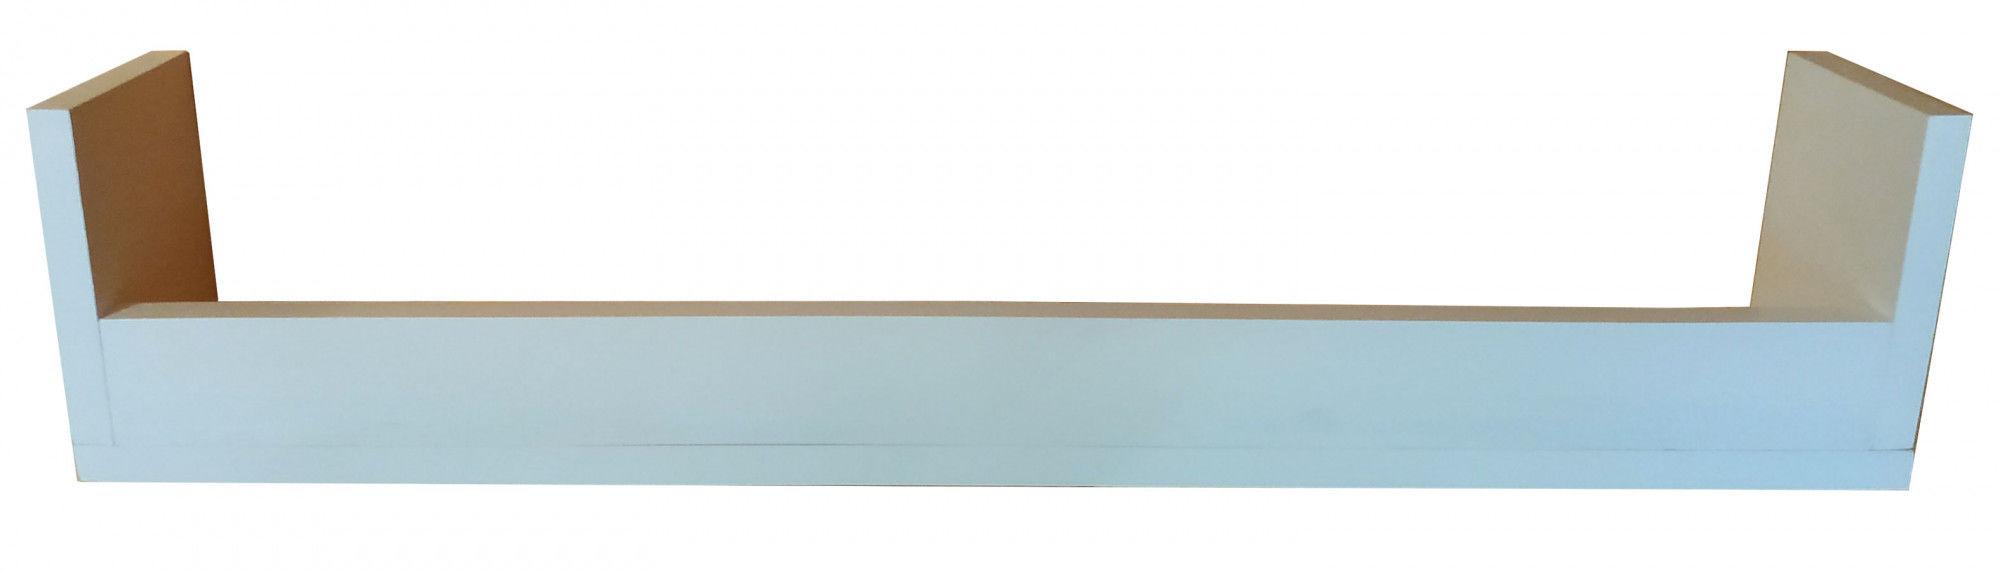 Minimalistyczna drewniana półka dziecięca 30 kolorów - Camila